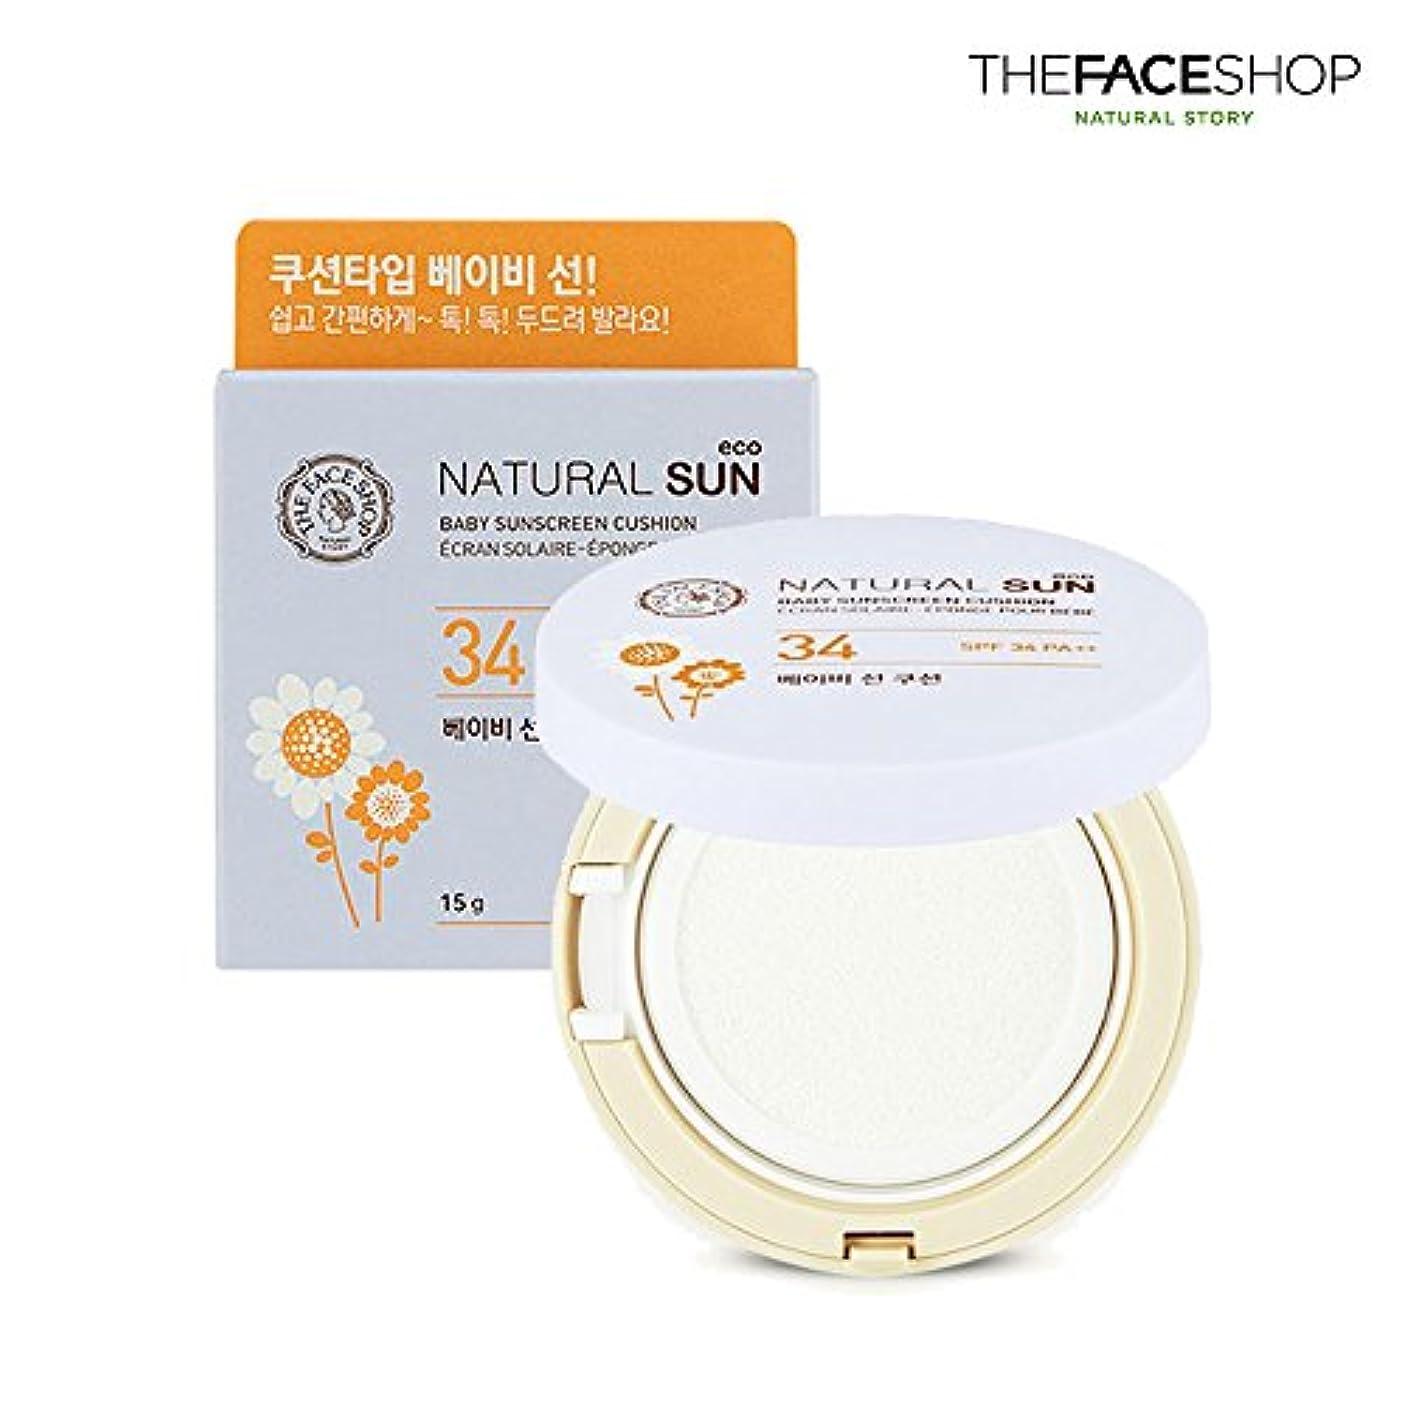 ナット裏切りブレンドthe face shop Natural Sun ECO baby sunscreen cushion 34 PA++ 赤ちゃんサンスクリーンクッション